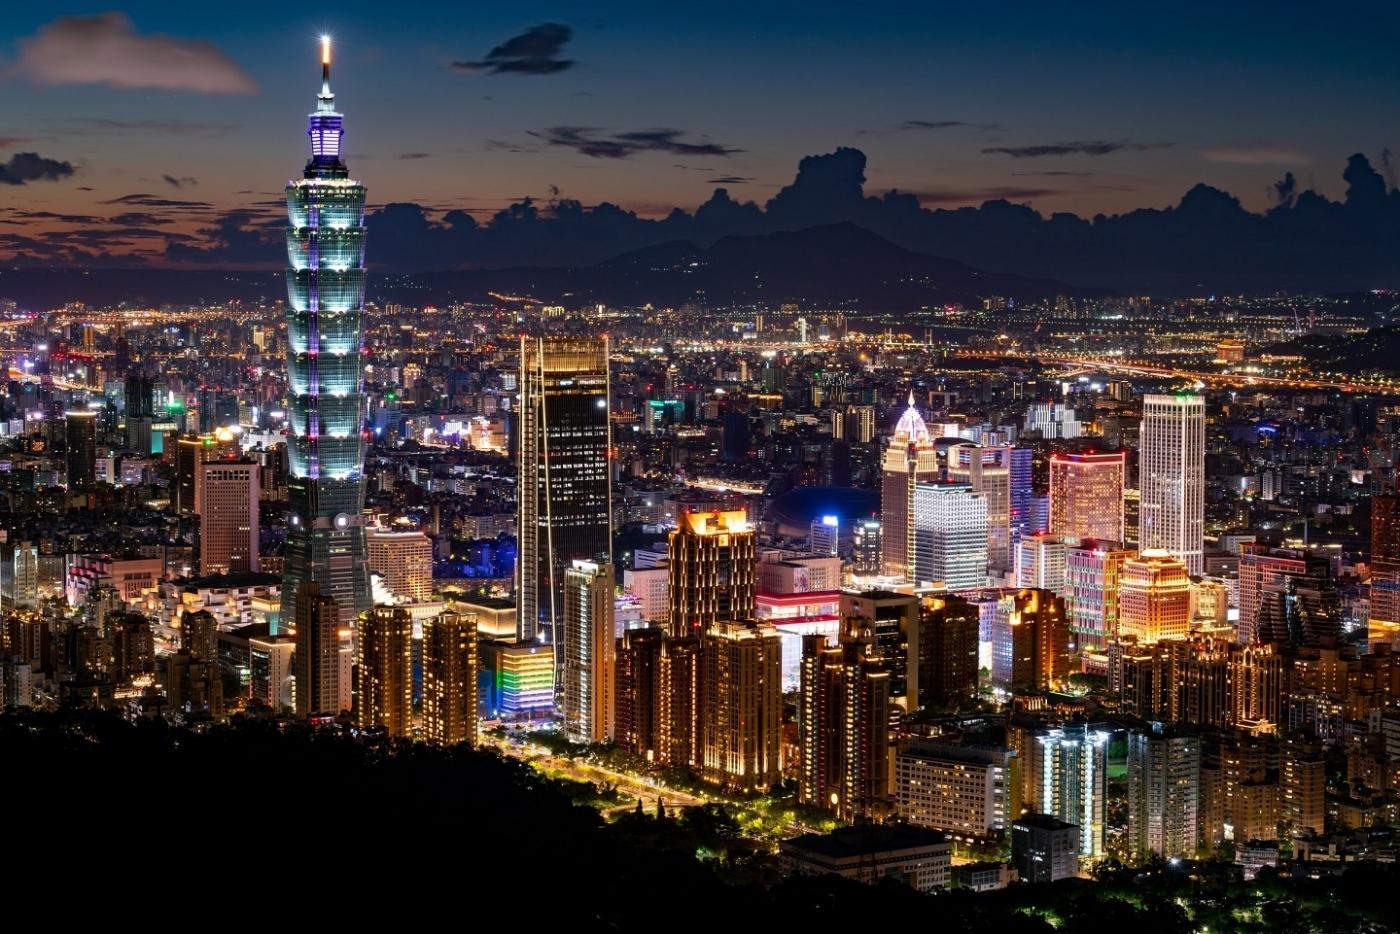 台灣防疫有成,外國投資、創業都搶進駐!新創企業家:沒看過那麼多人想來